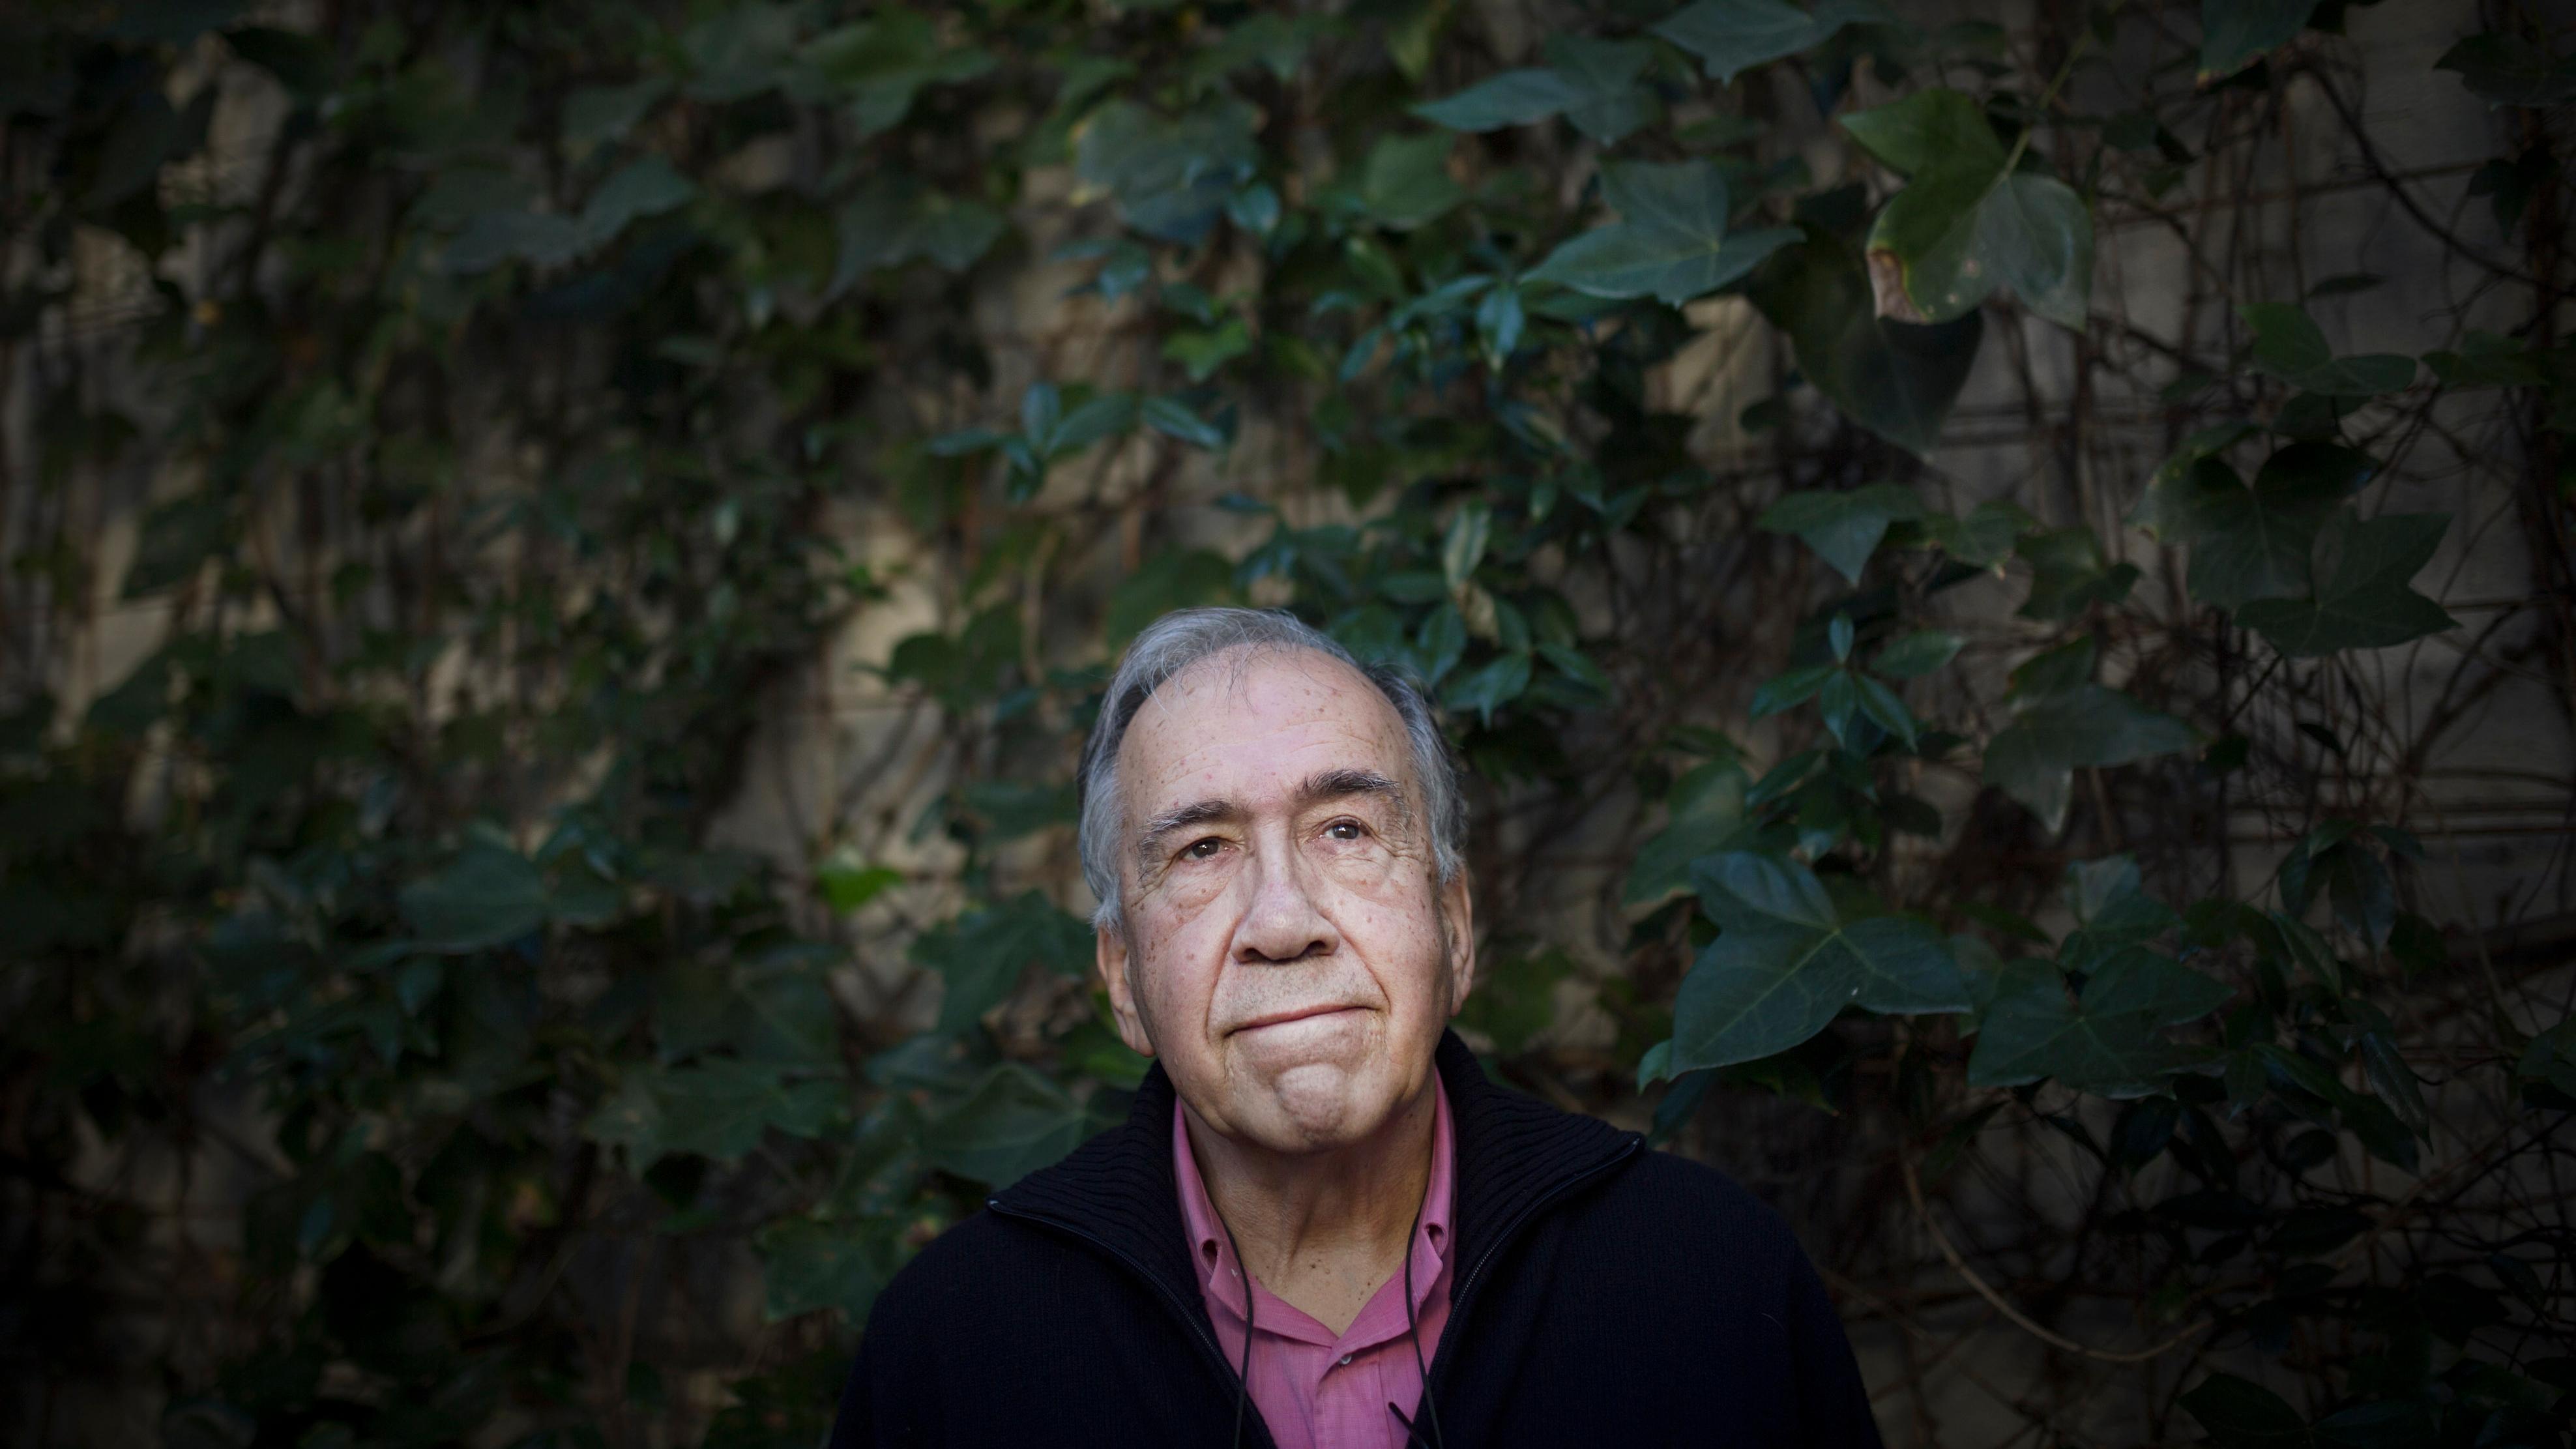 12/01/2016 - Barcelona - En la imagen el poeta Joan margarit en su casa de Sant Just desvern. foto: Massimiliano Minocri